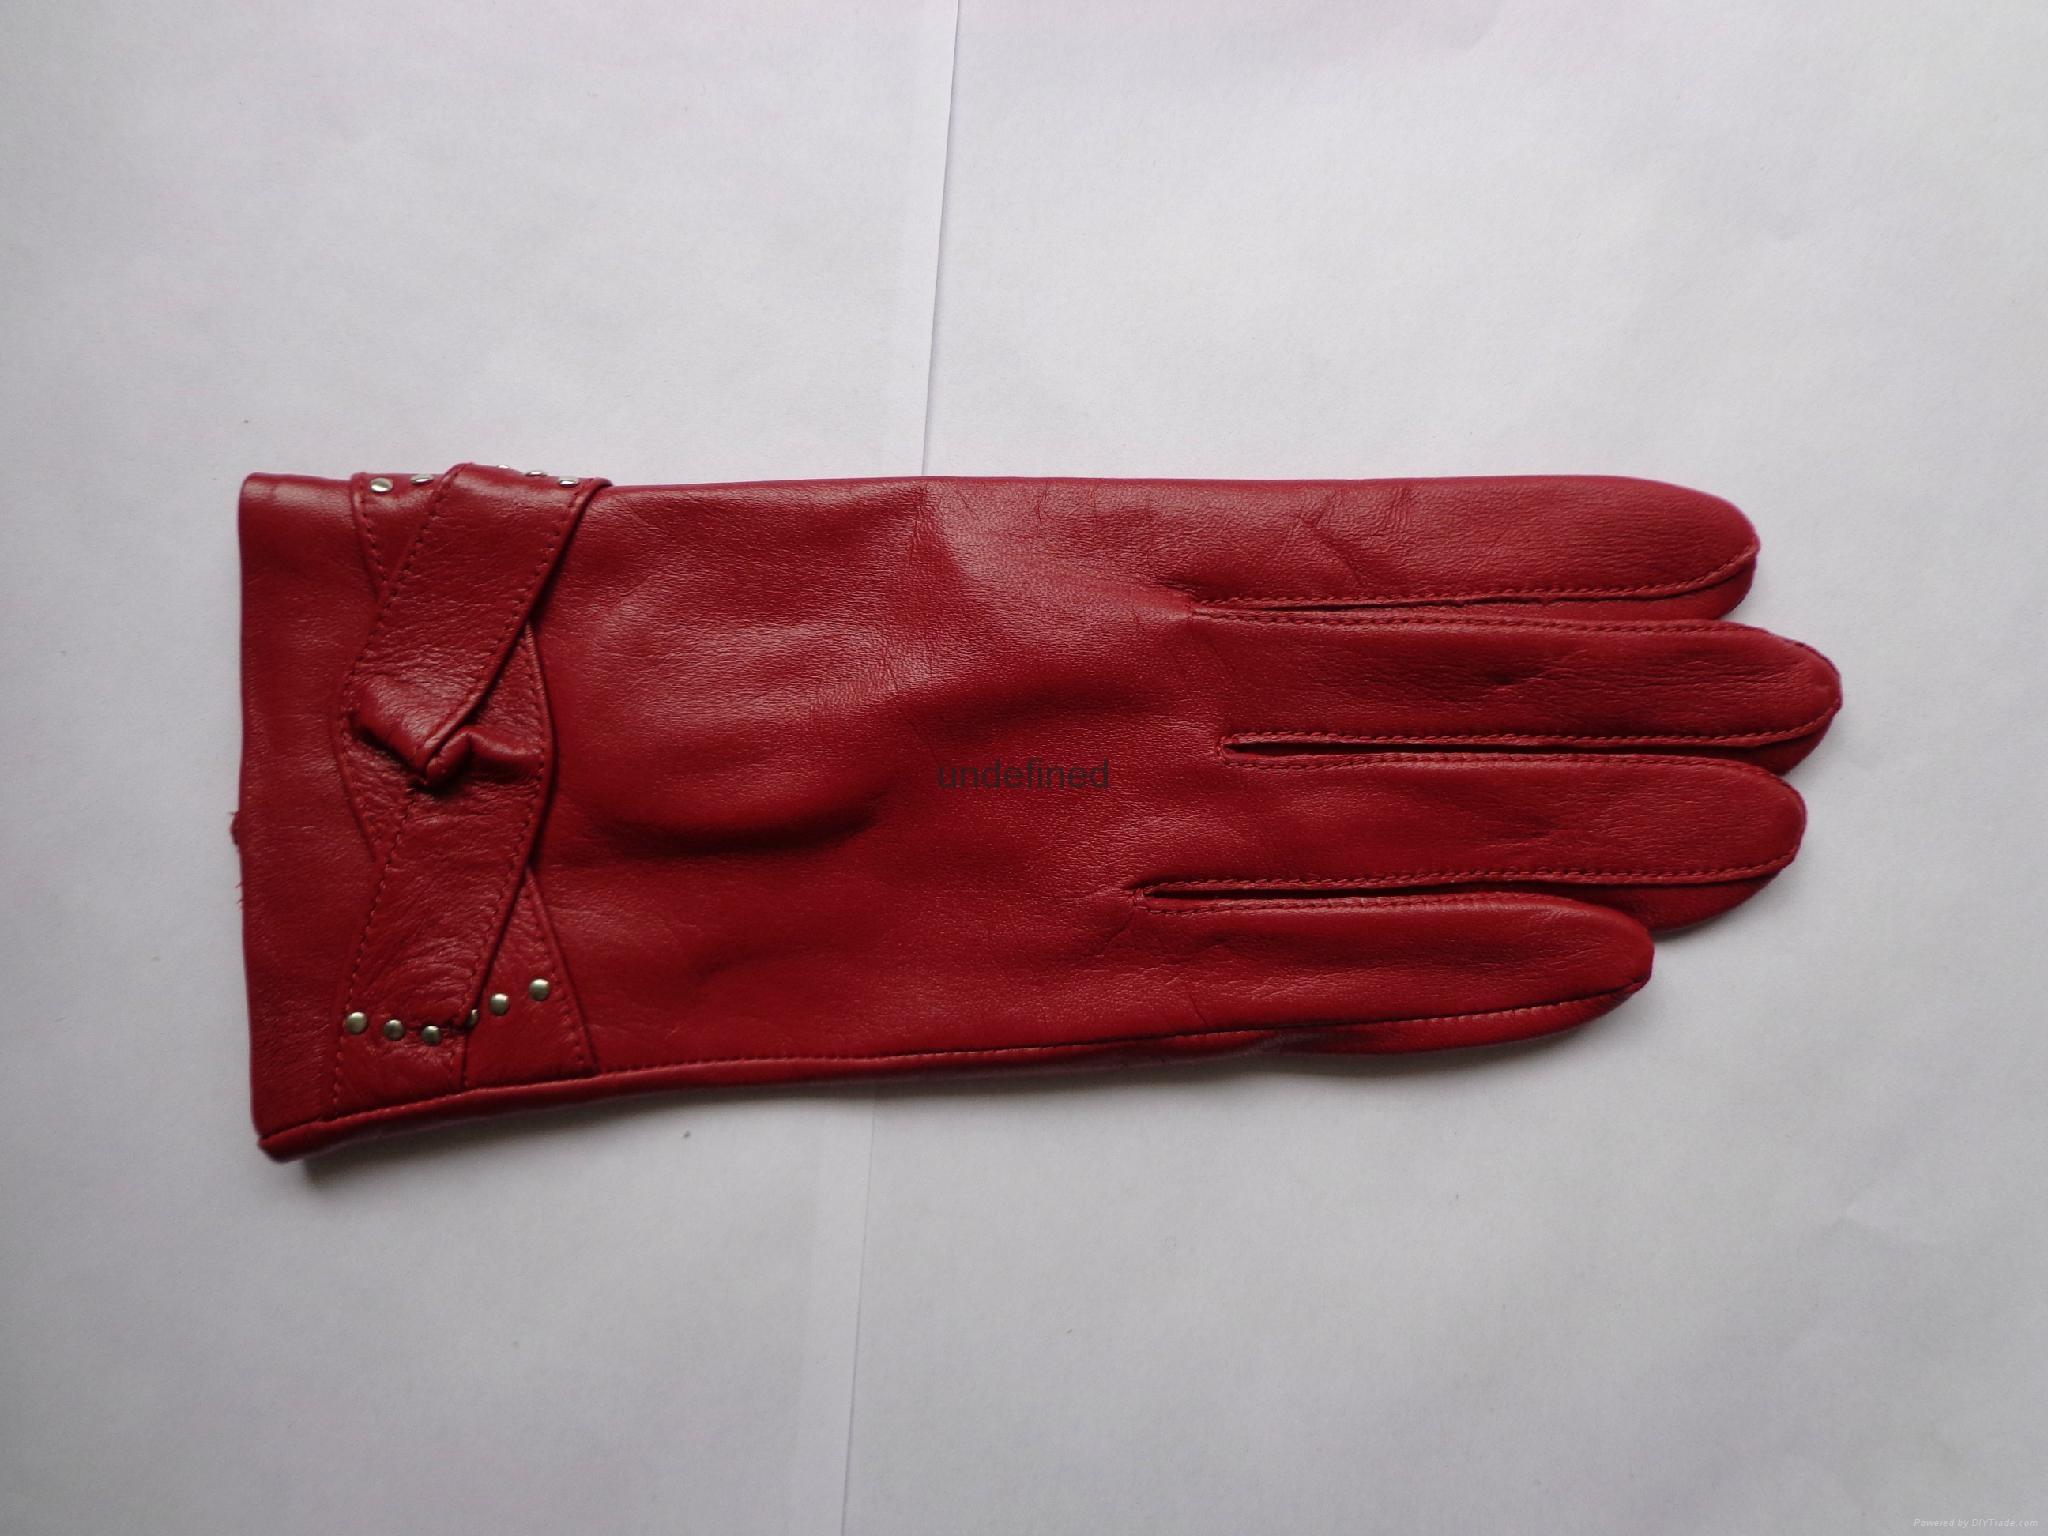 供應時尚保暖皮手套 3